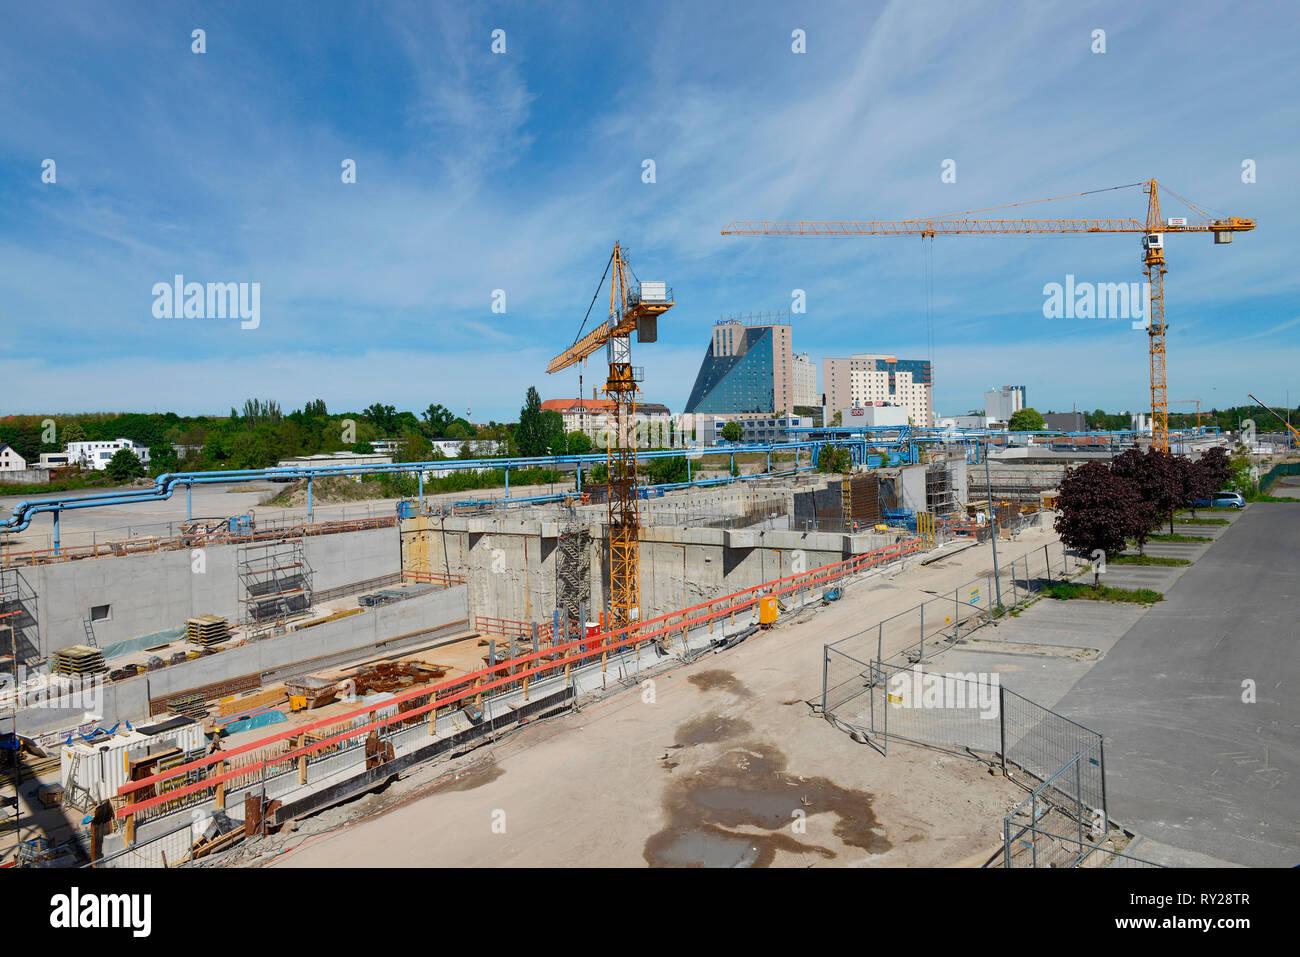 Bauarbeiten, Verlaengerung, Autobahn, A 100, Grenzallee, Treptow, Berlin, Deutschland - Stock Image